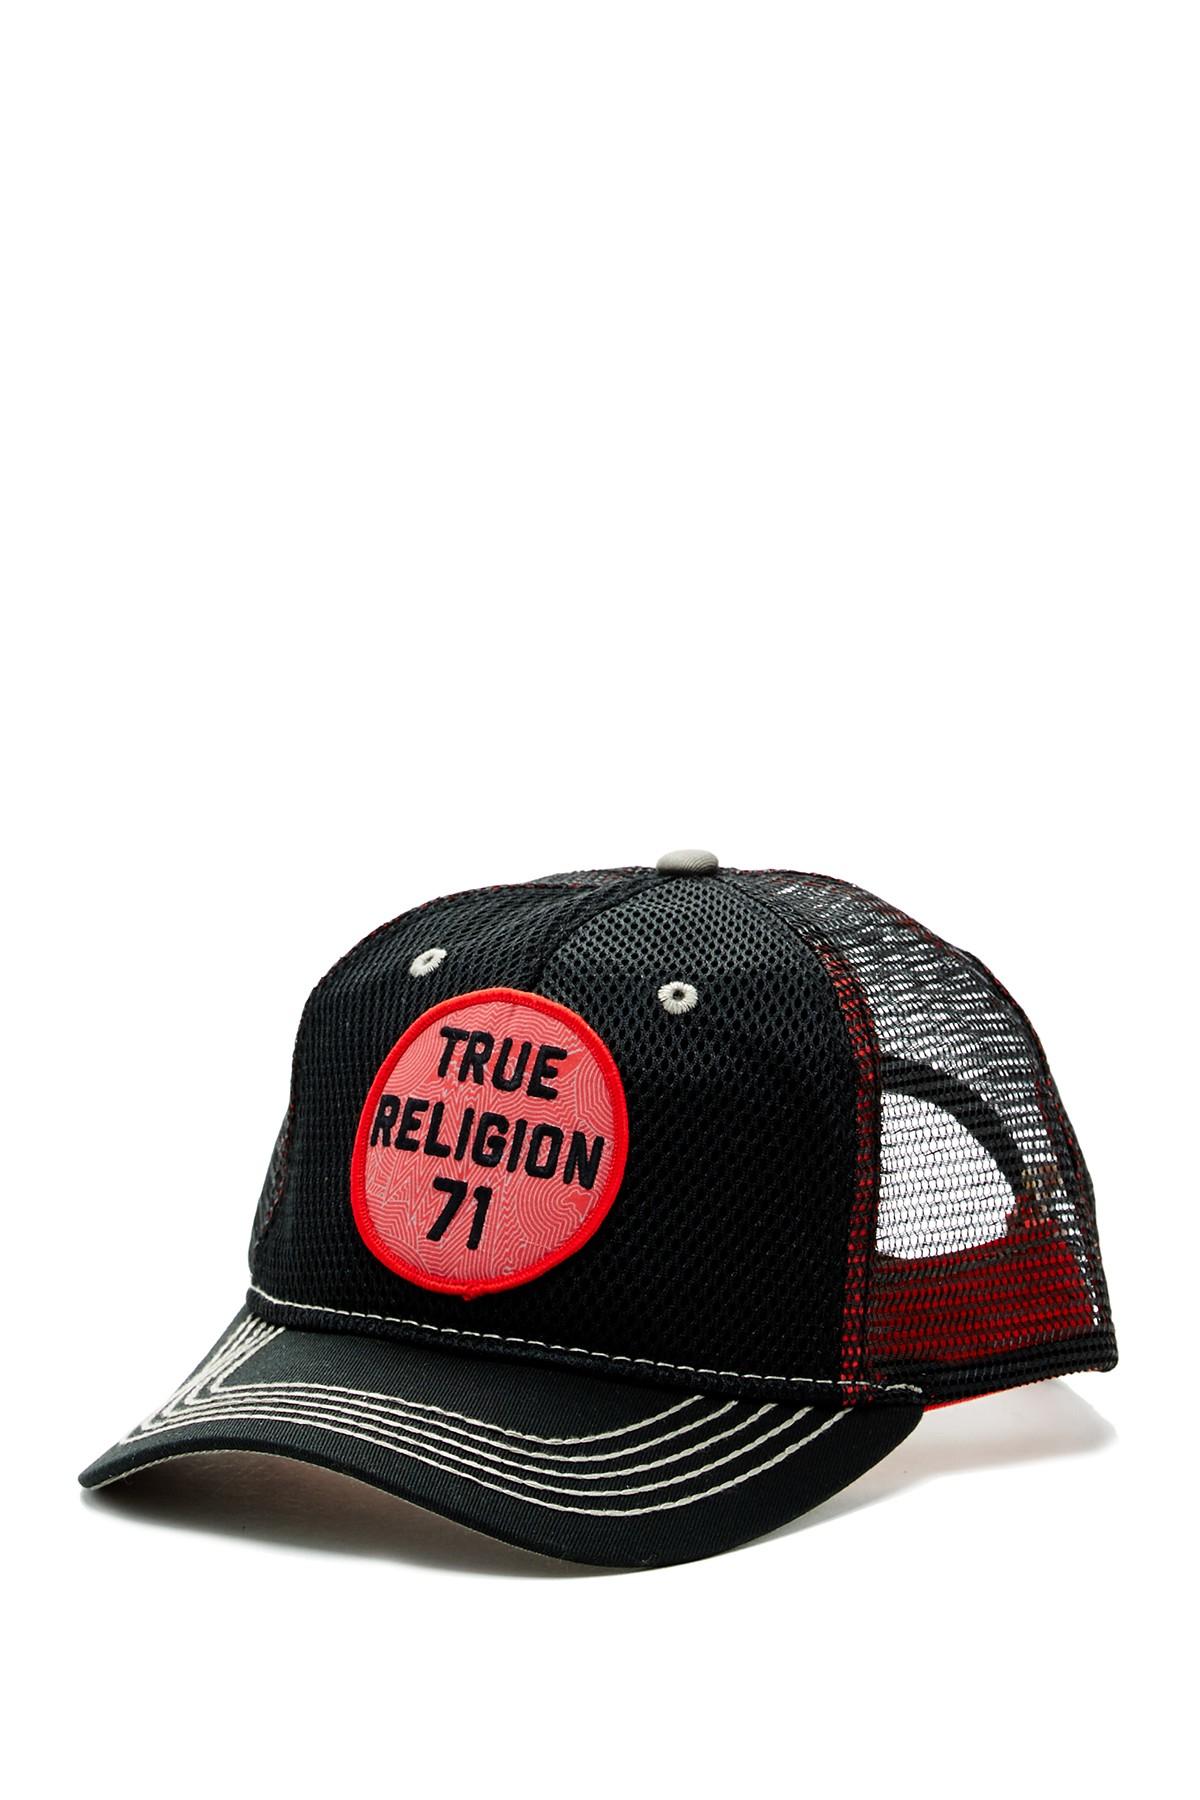 true religion mesh front baseball cap in black for men save 47 lyst. Black Bedroom Furniture Sets. Home Design Ideas